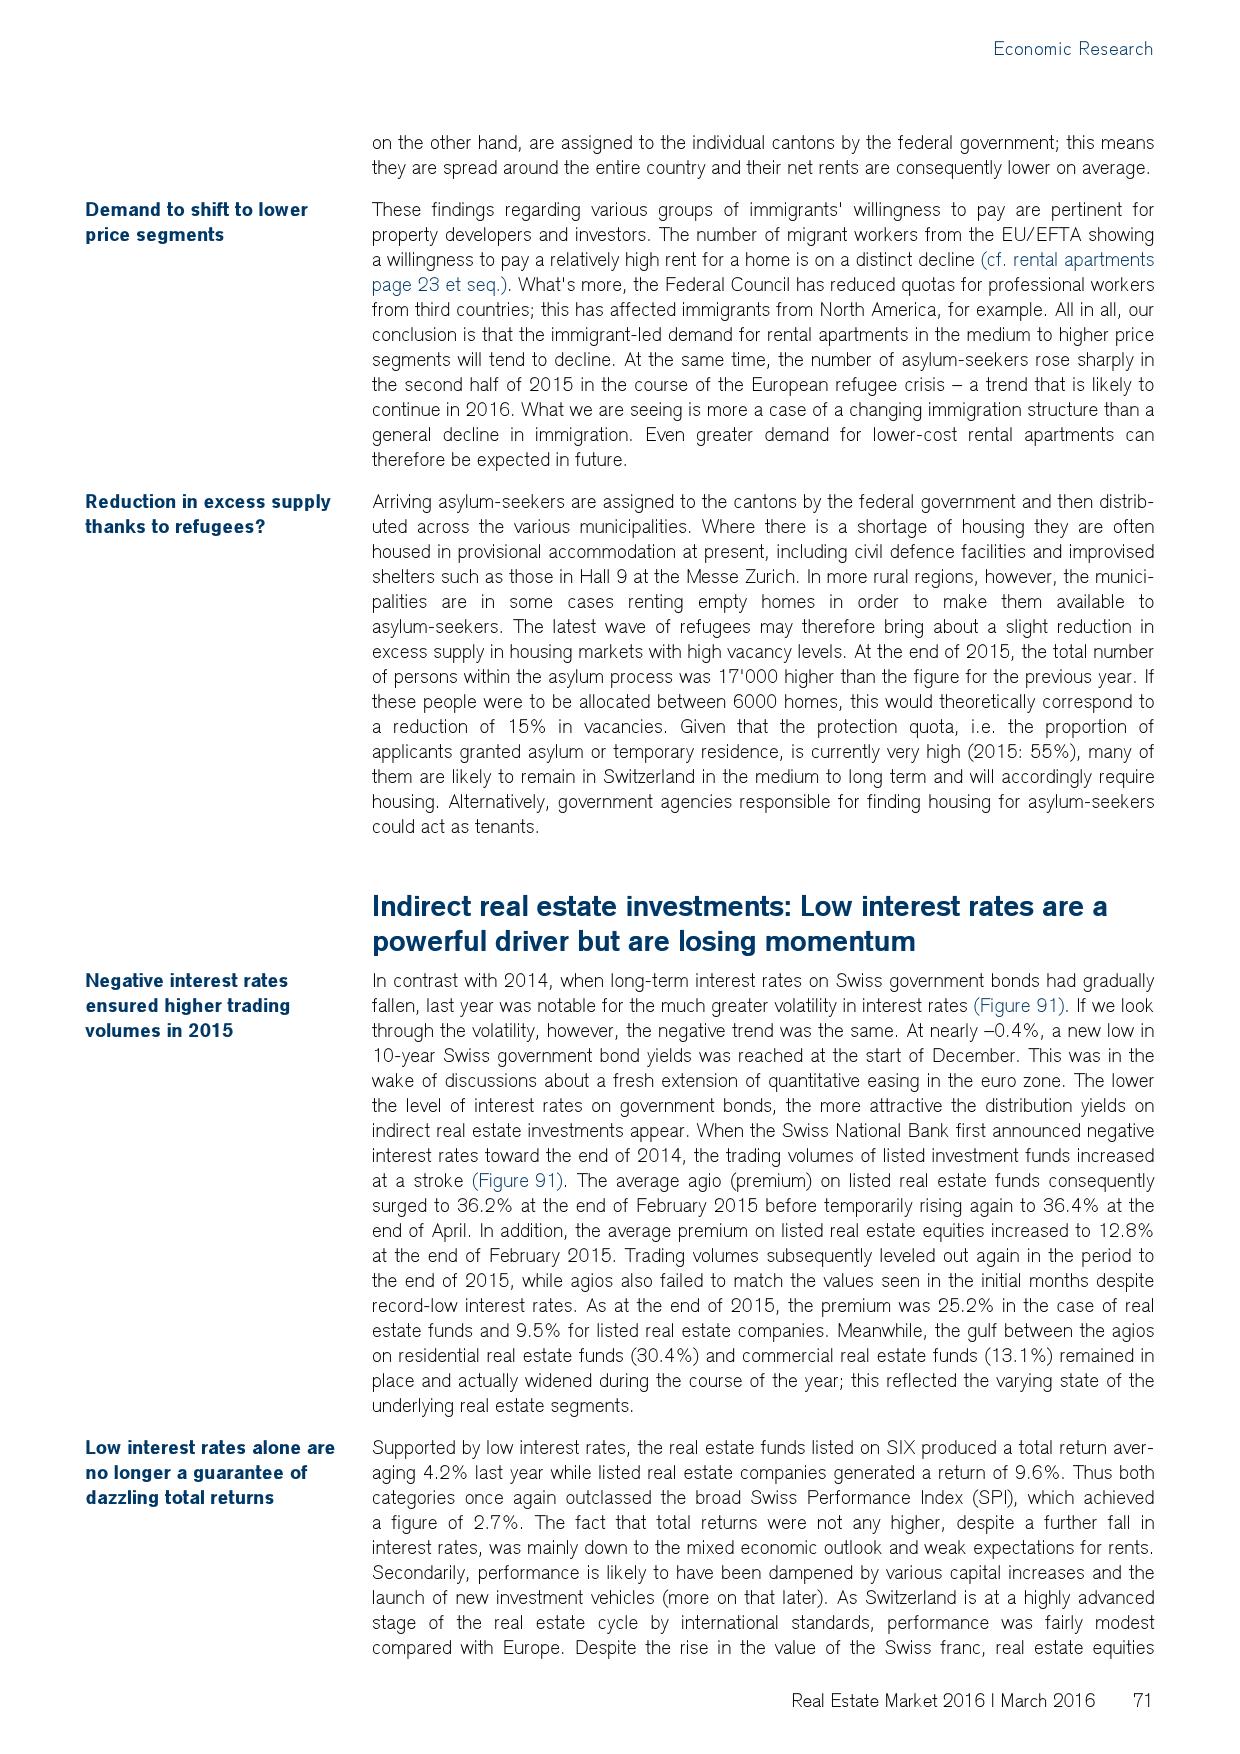 2016年瑞士房地产市场研究报告_000071